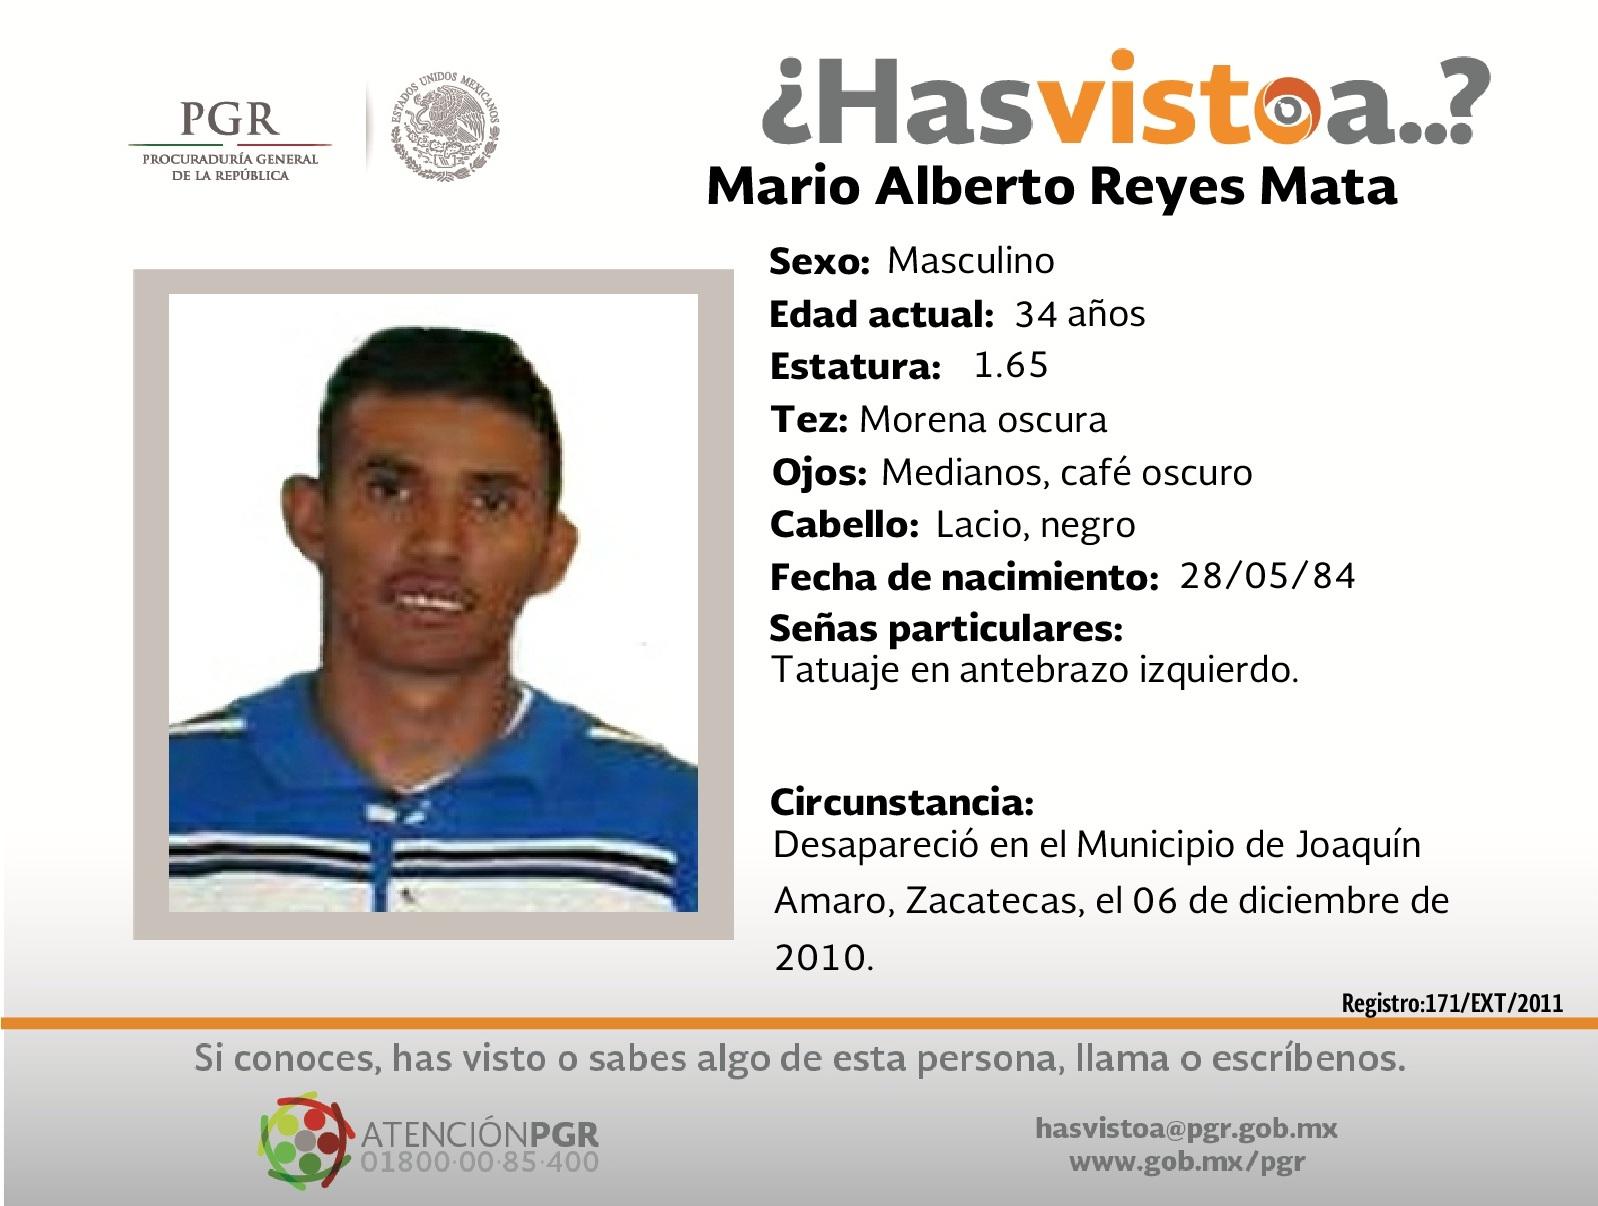 Ayúdanos a localizar a Mario Alberto